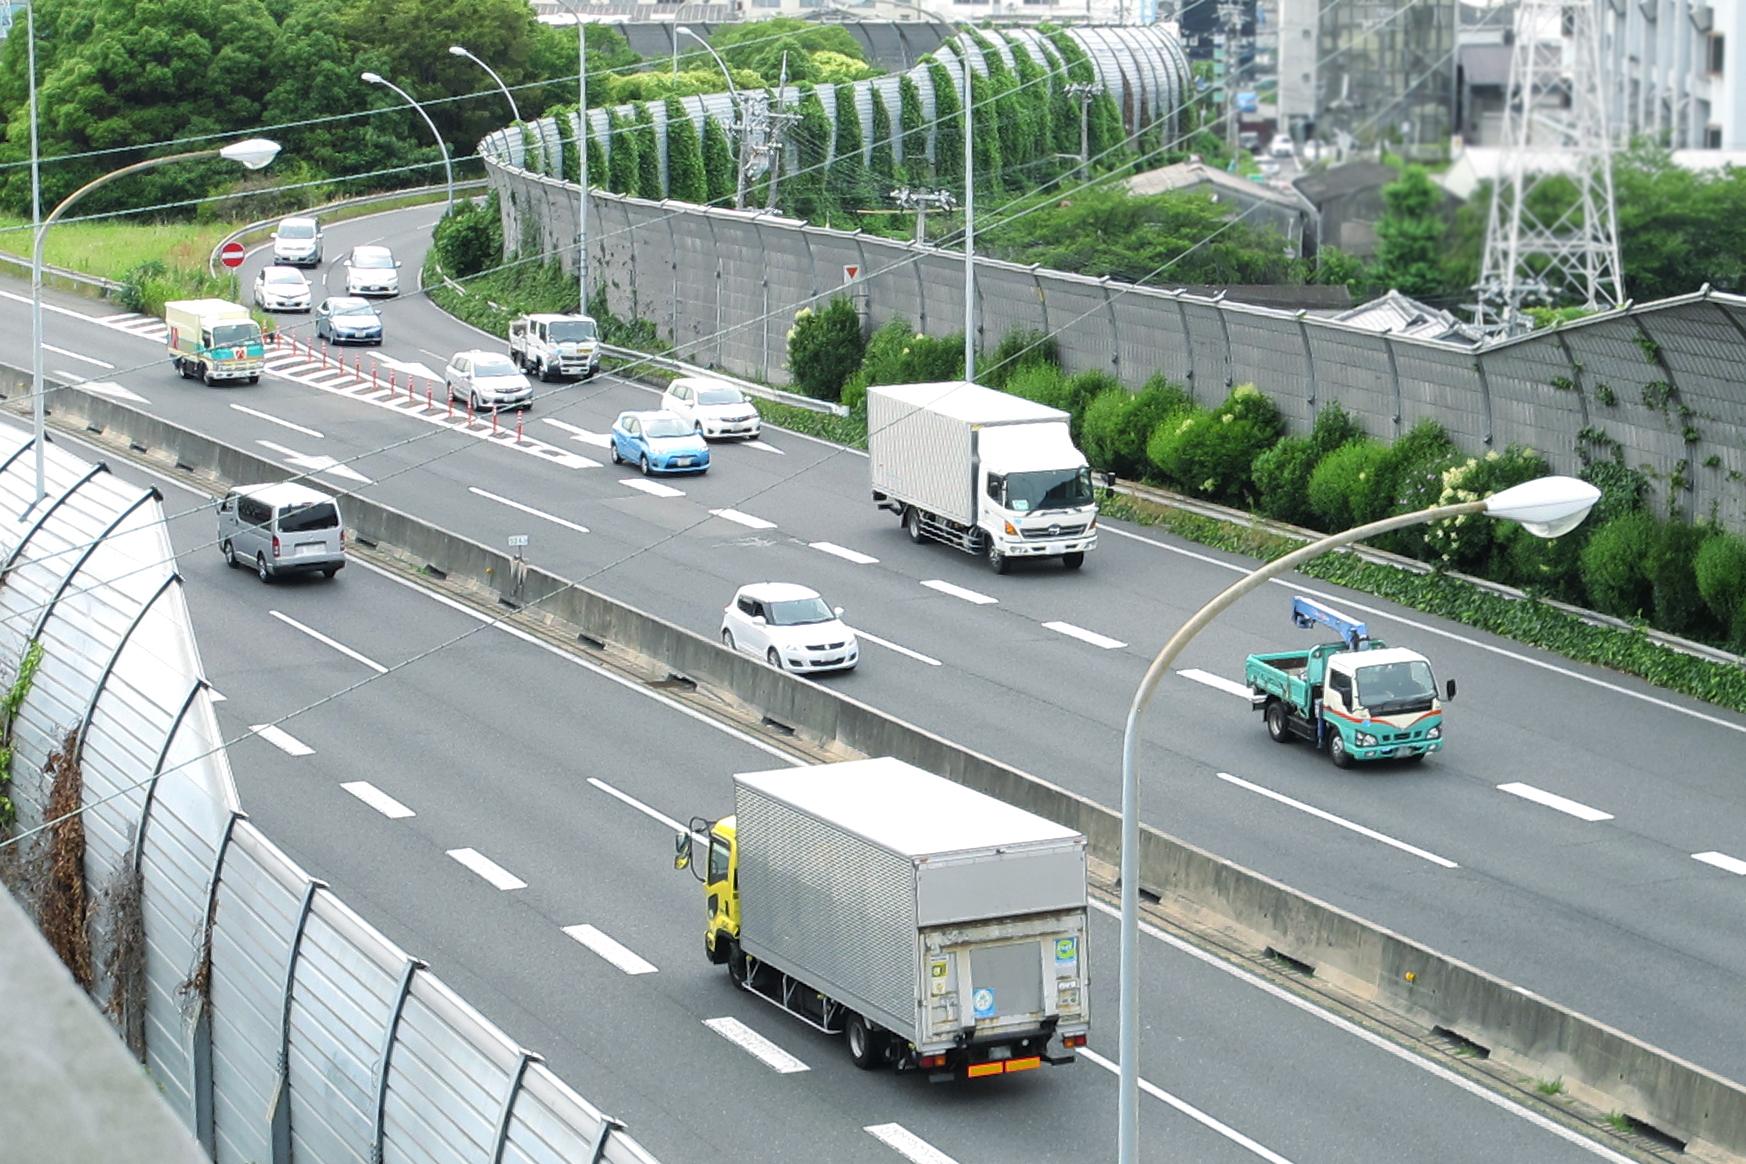 GPSで車の位置情報をリアルタイムに追跡できるサービスまとめ